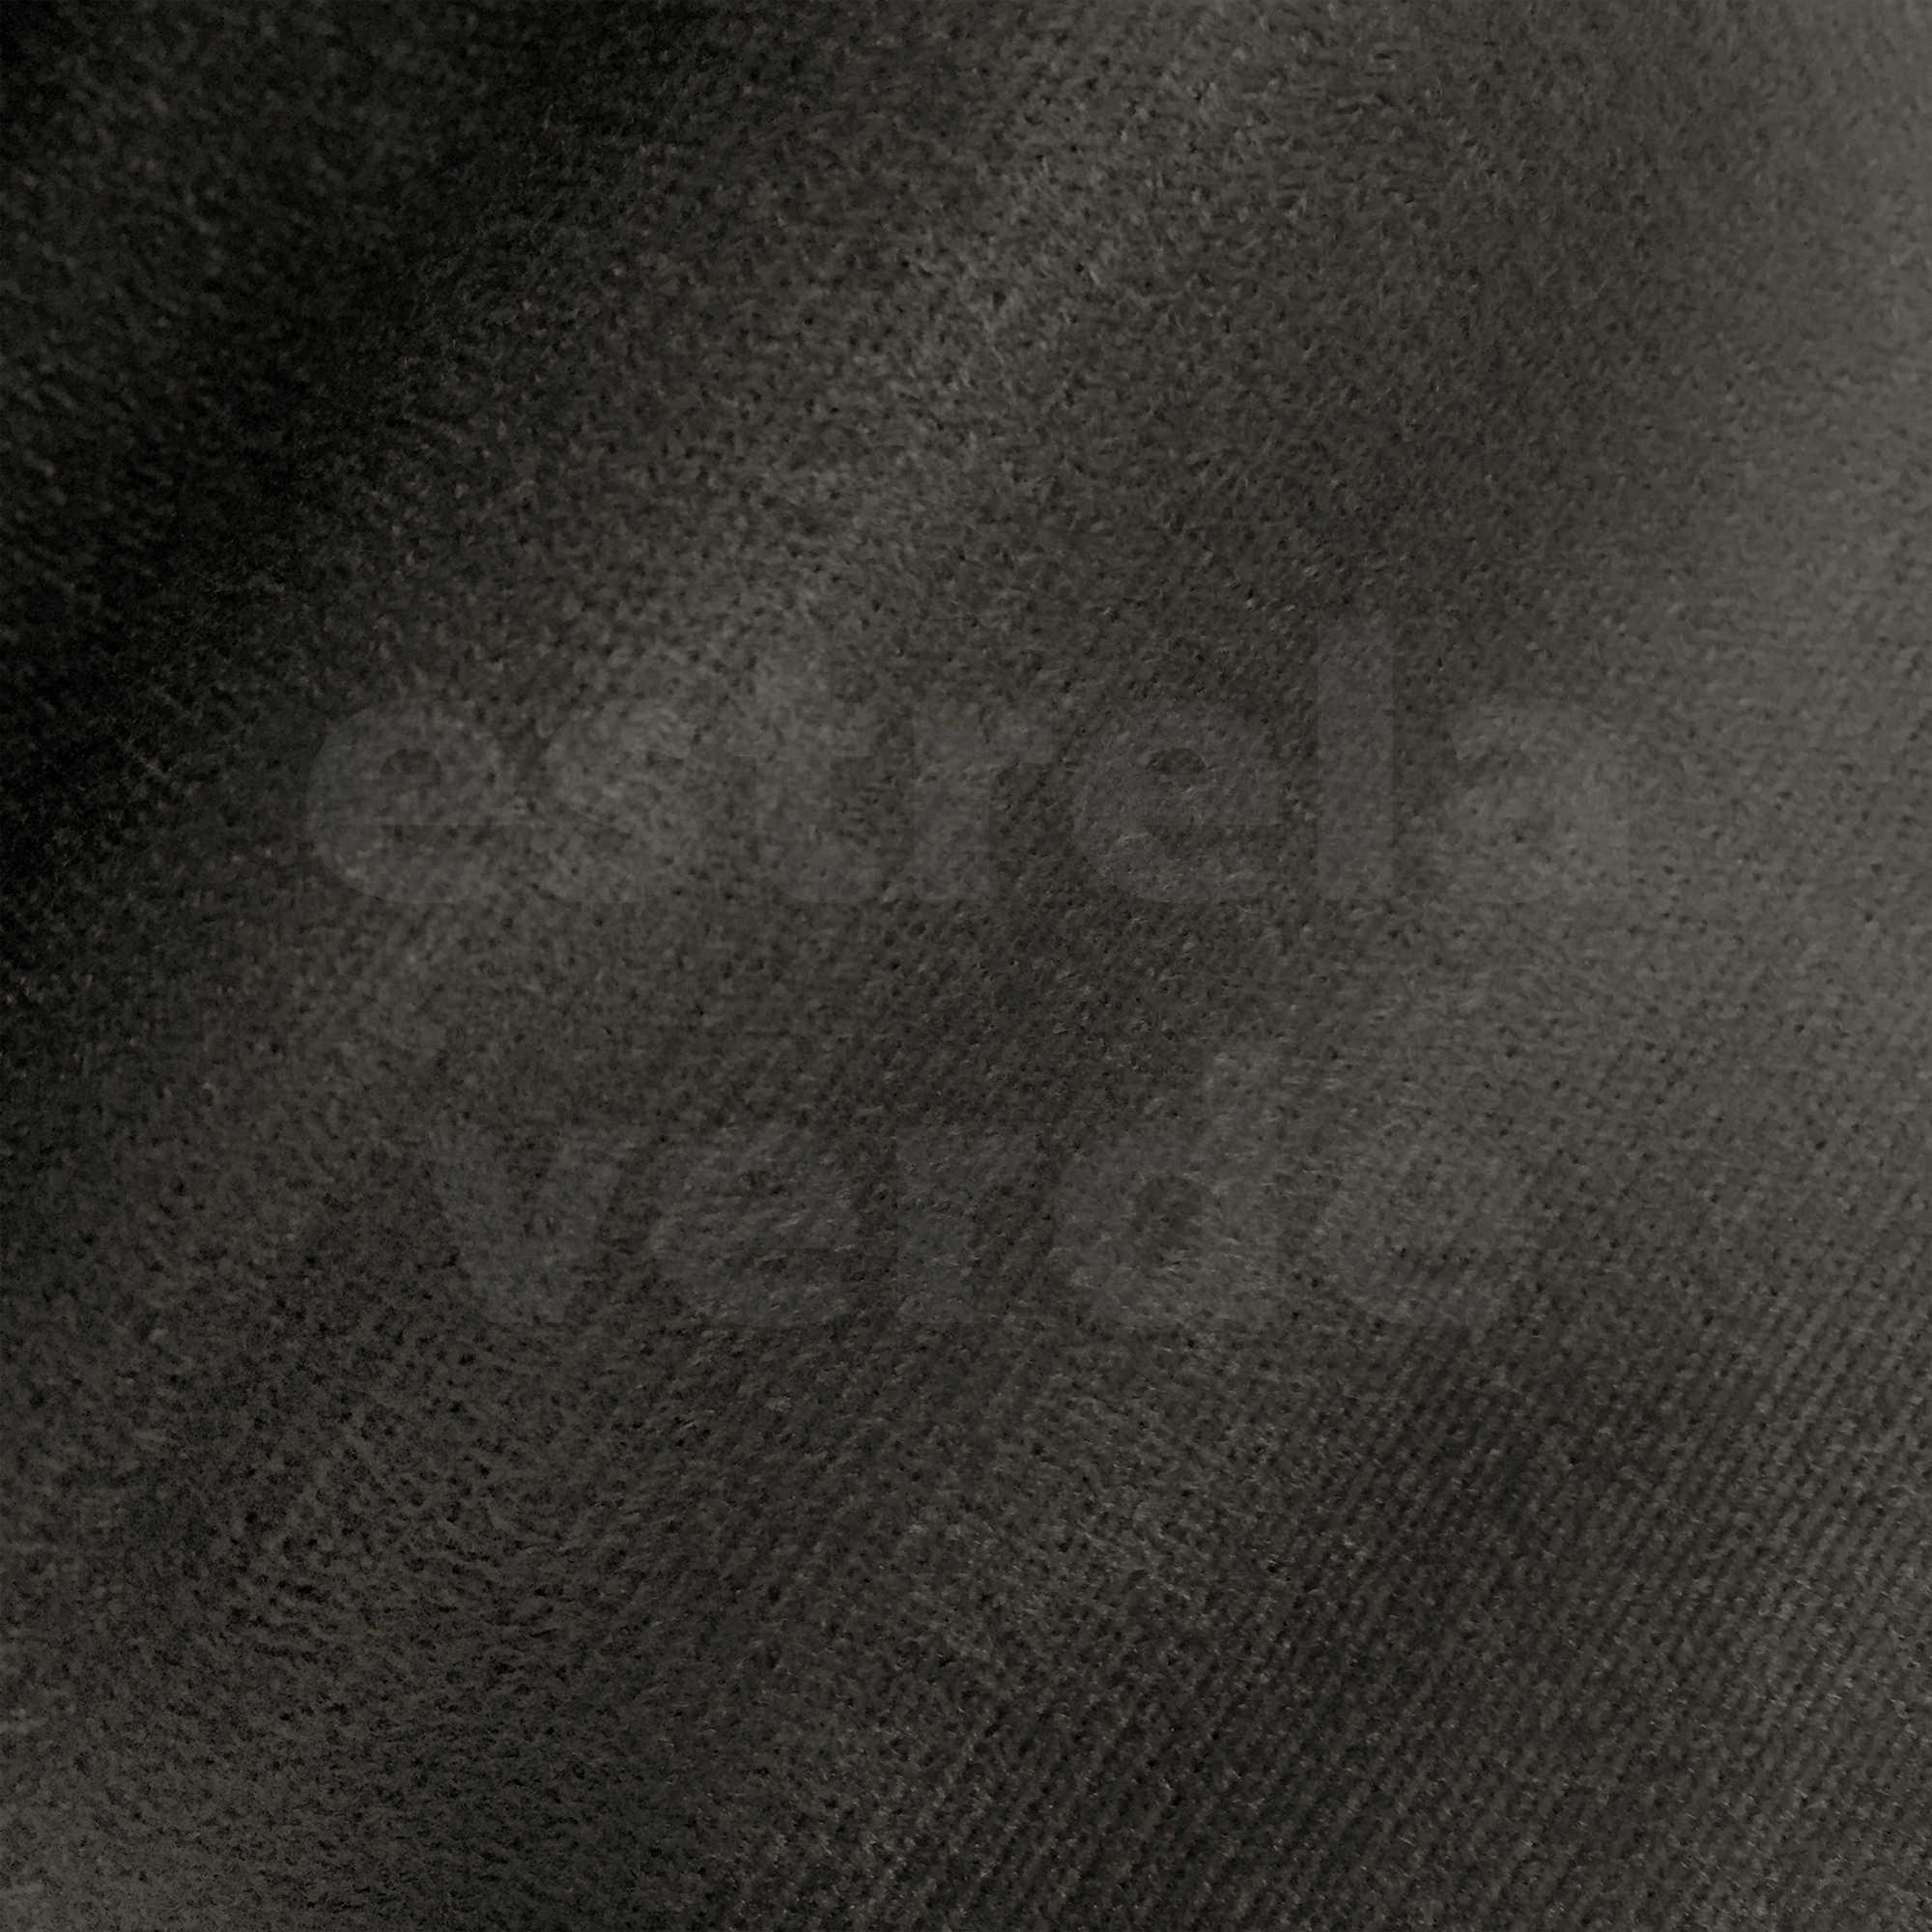 VELUDINHO GRAFITE 10  - Estrela Verde